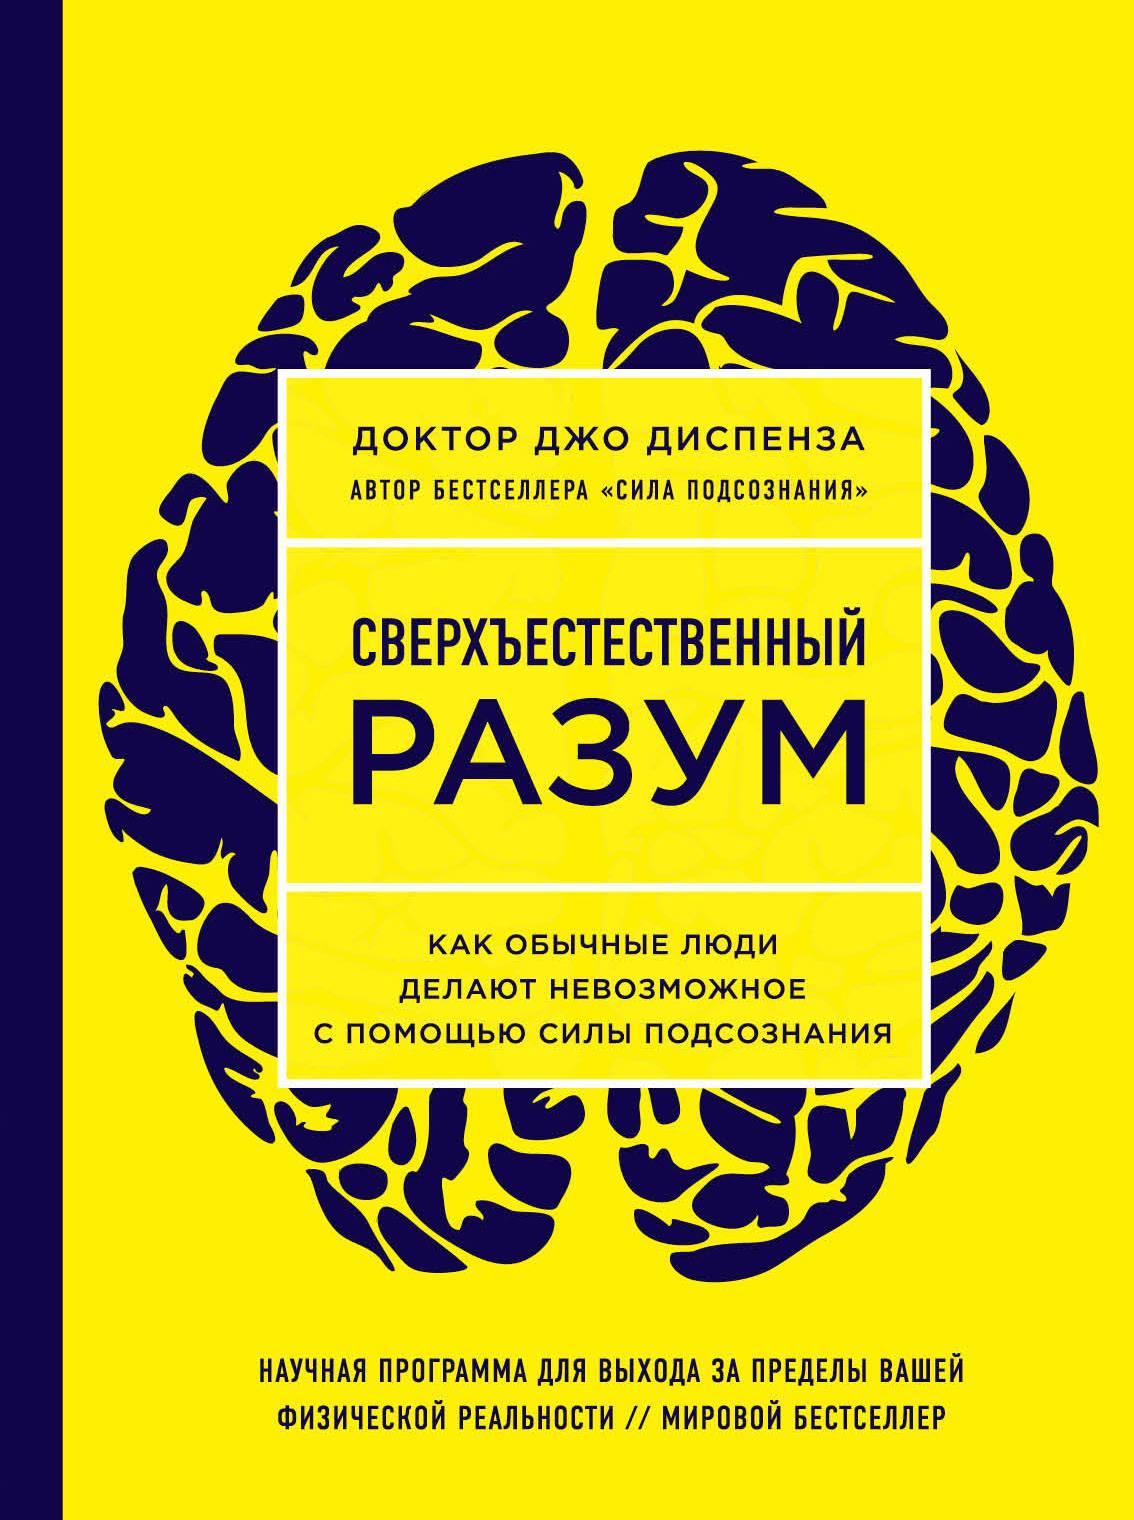 Купить Книги по общей психологии, Сверхъестественный разум. Как обычные люди делают невозможное с помощью силы подсознания (яркая обложка), Форс